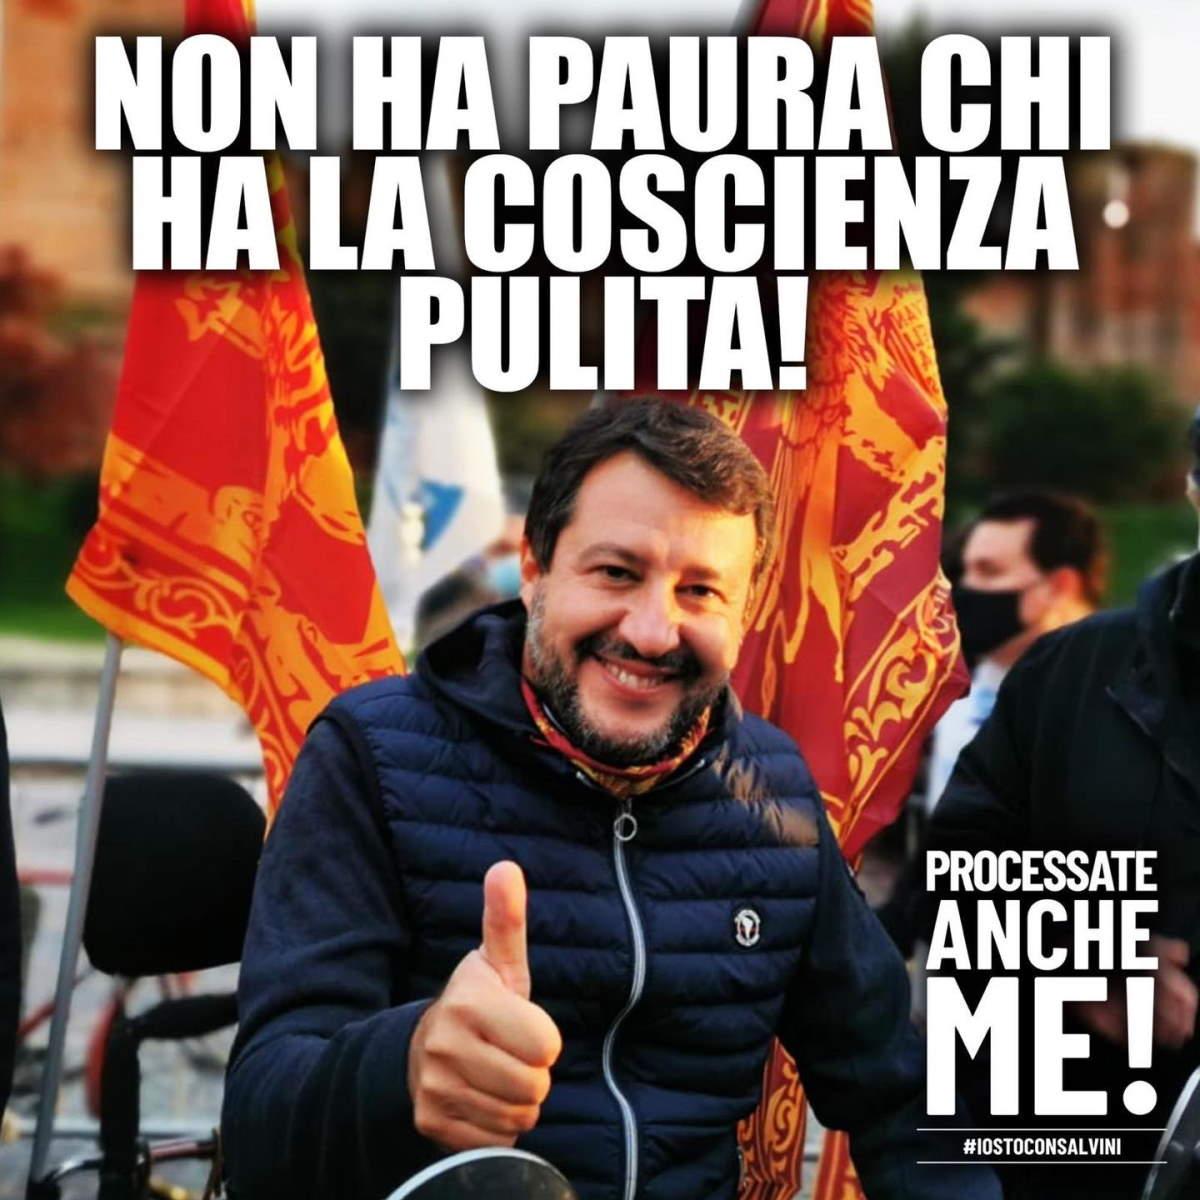 È iniziata in Sicilia la tre giorni di eventi che precedono il processo di Catania in cui Salvini è imputato per sequestro di persona